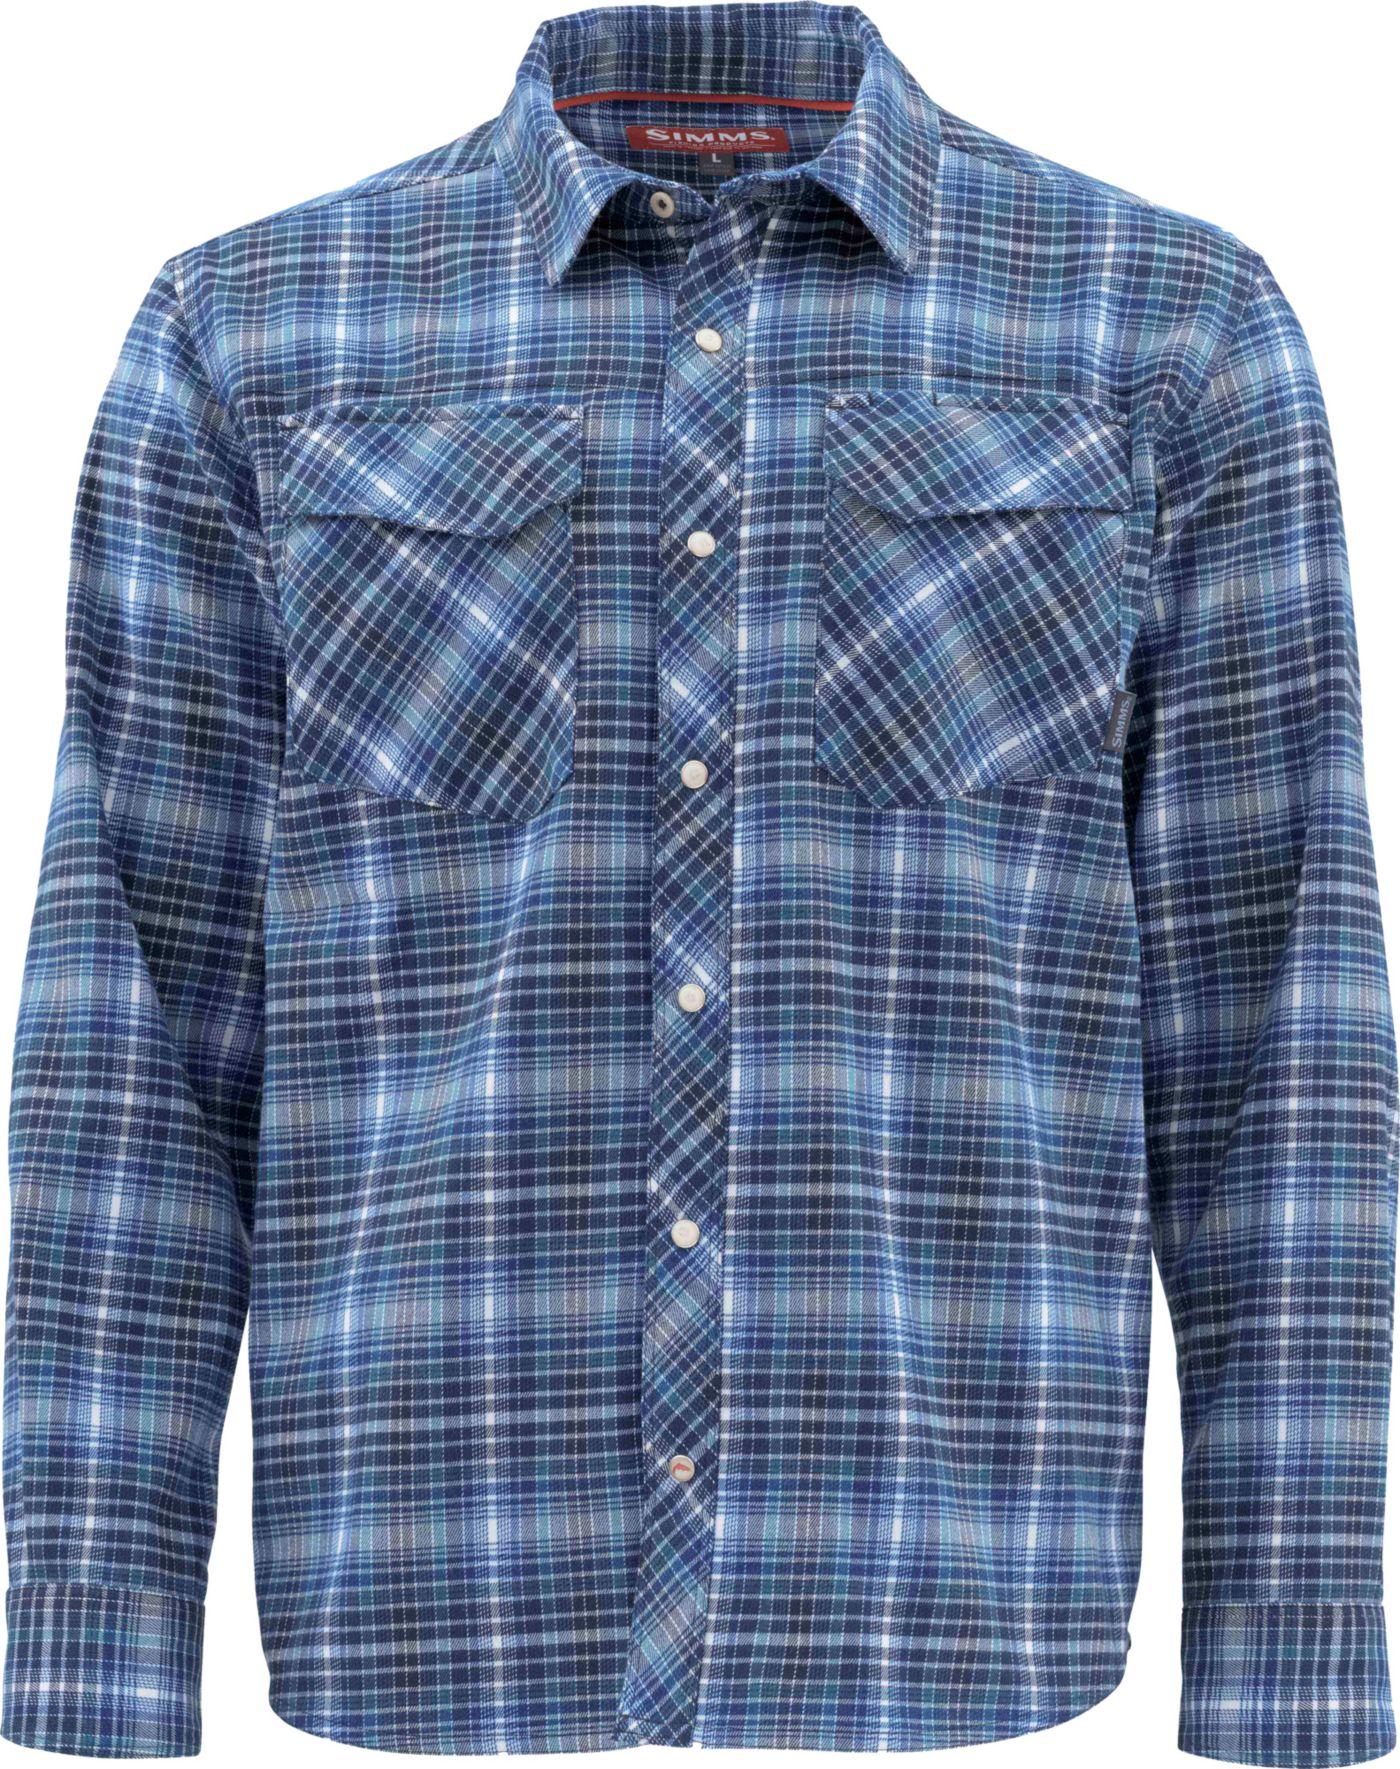 Simms Men's Gallatin Flannel Shirt (Regular and Big & Tall)